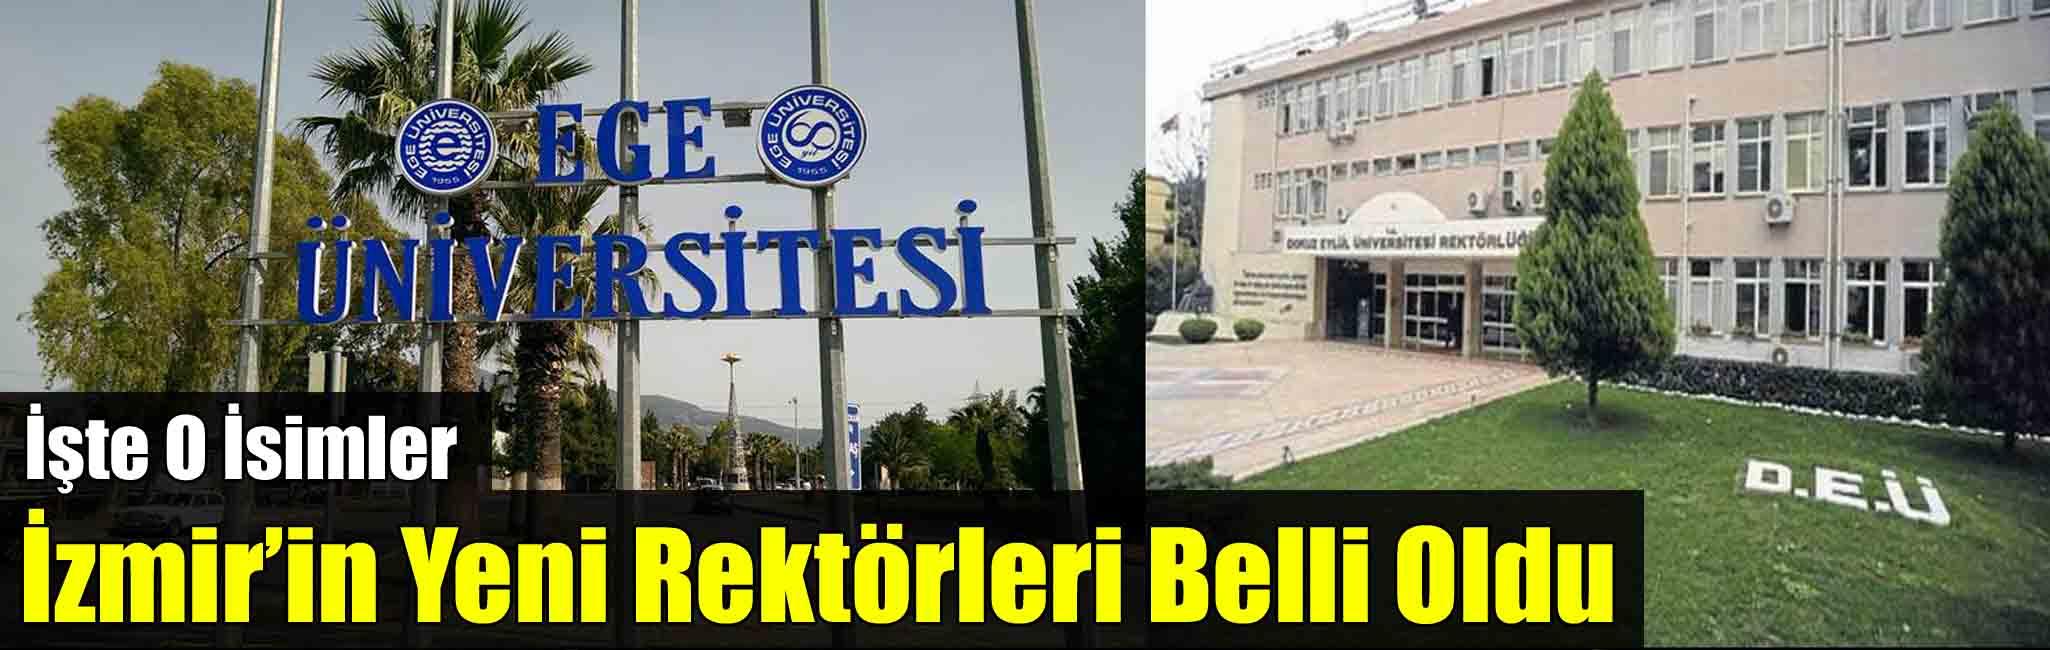 İzmir'in Yeni Rektörleri